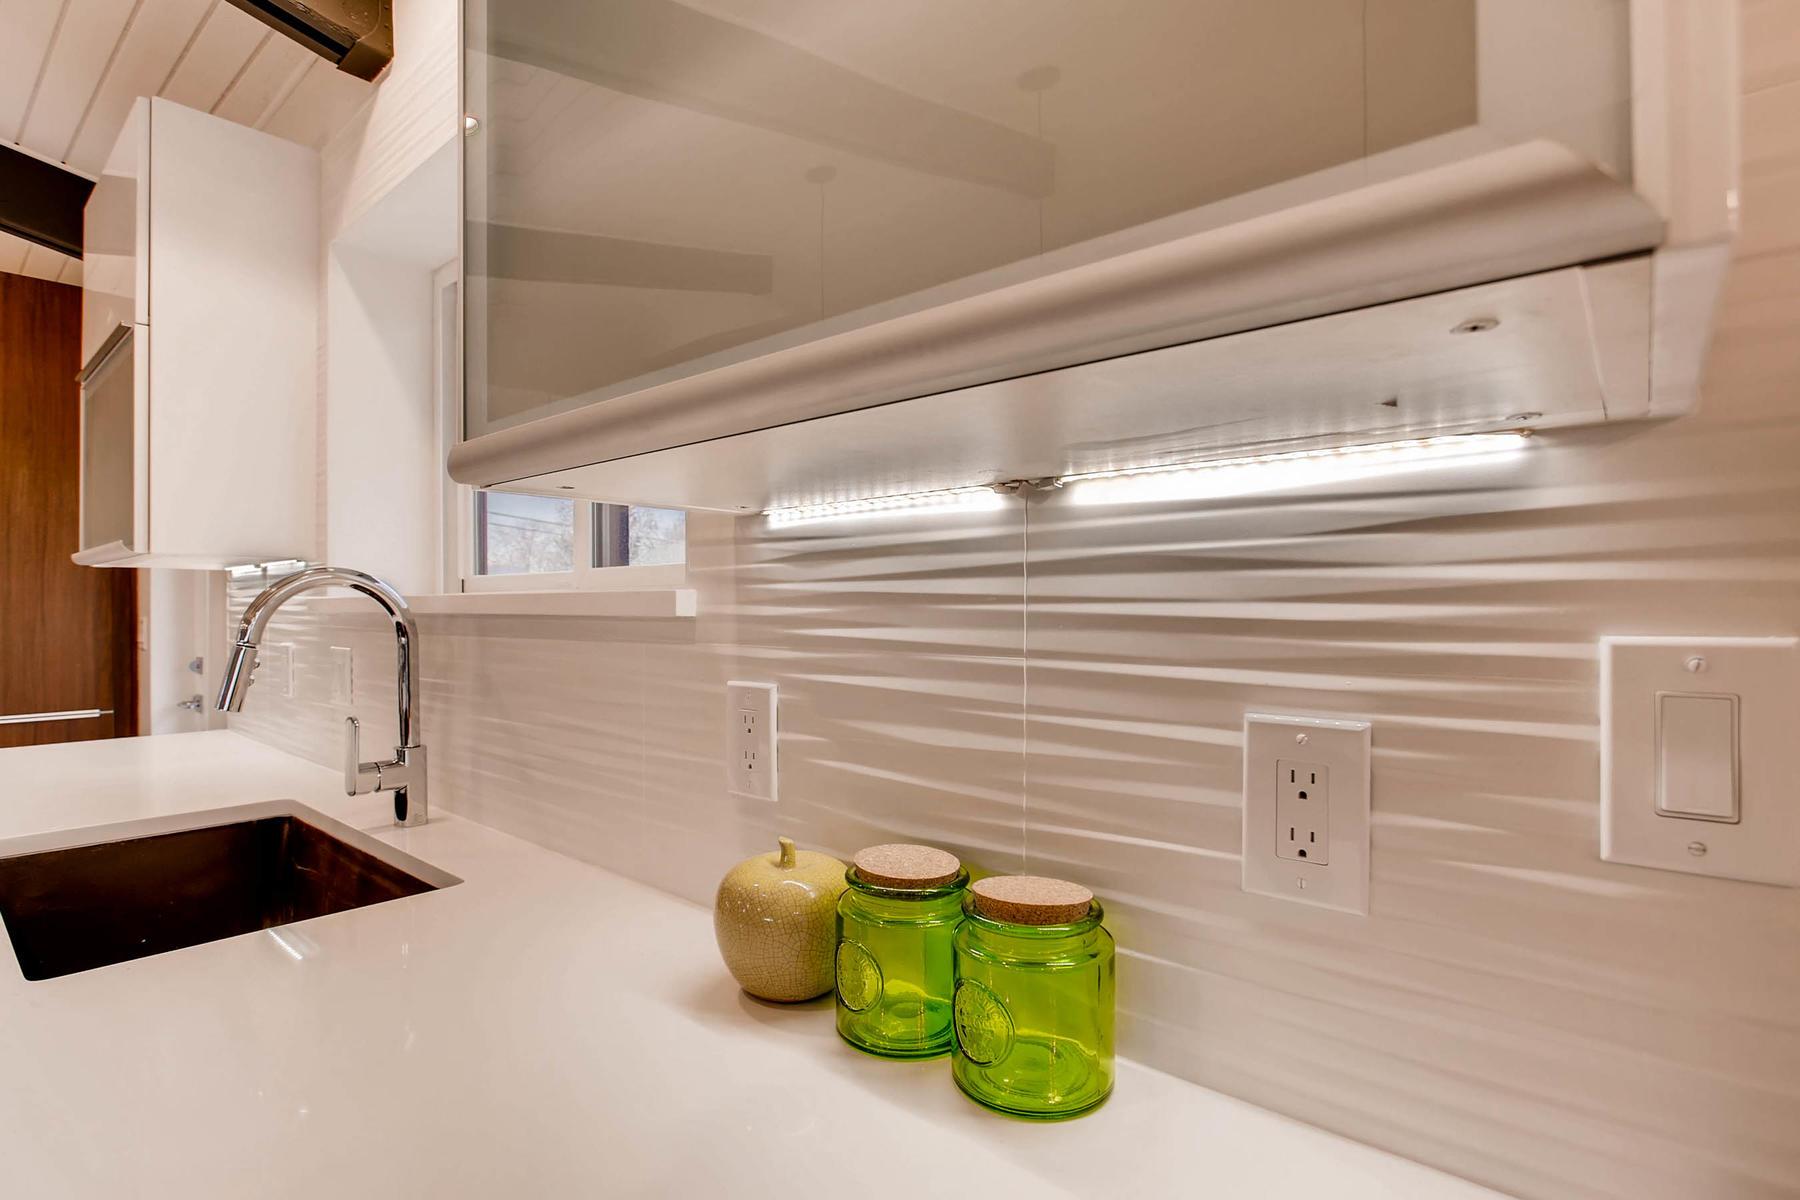 4547 E Girard Ave Denver CO-MLS_Size-013-10-Kitchen-1800x1200-72dpi.jpg